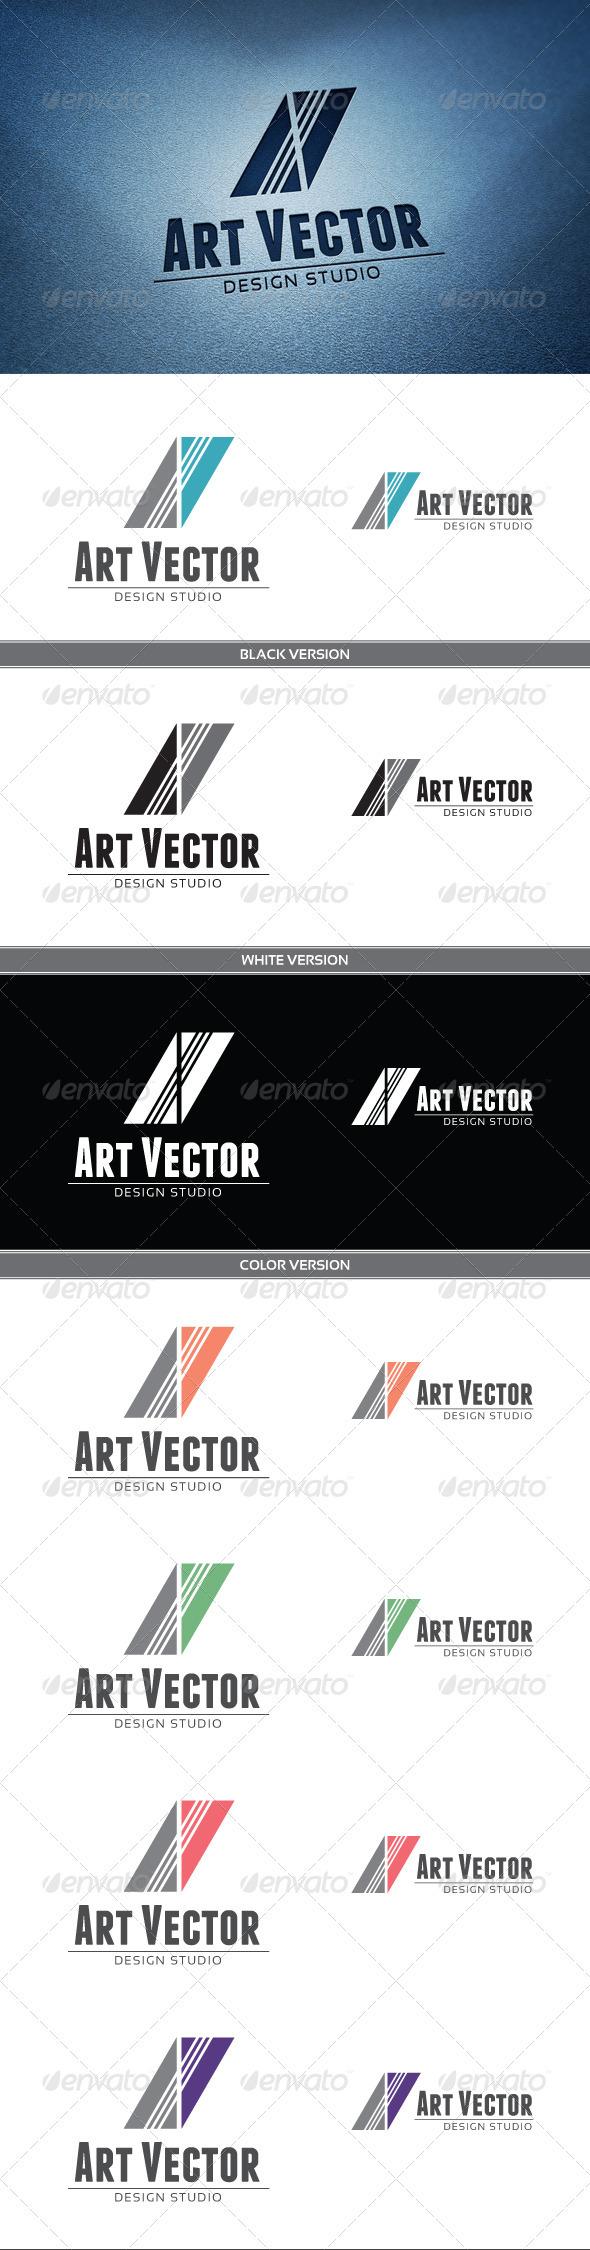 GraphicRiver Art Vector 3939601